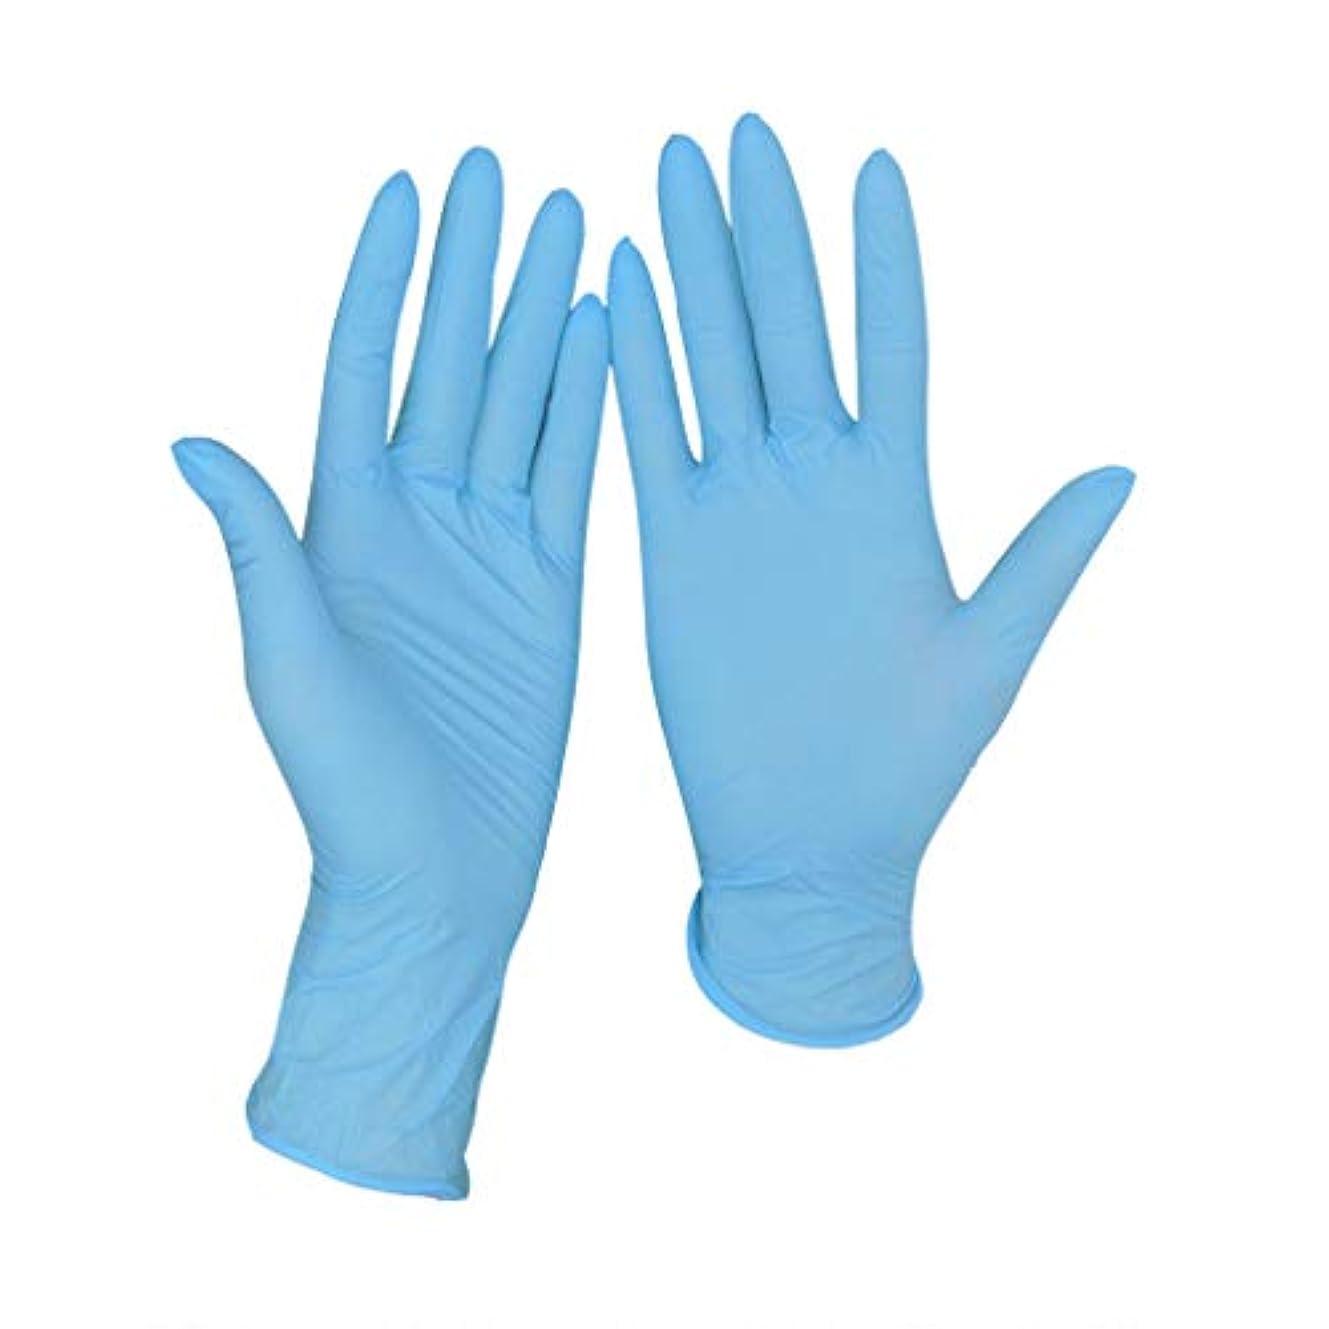 バックグラウンド石化する脈拍使い捨て手袋ゴム家庭医家家家掃除食品研究室パウダーフリー手袋労働保護工業用ニトリル手袋100個 (サイズ さいず : S s)